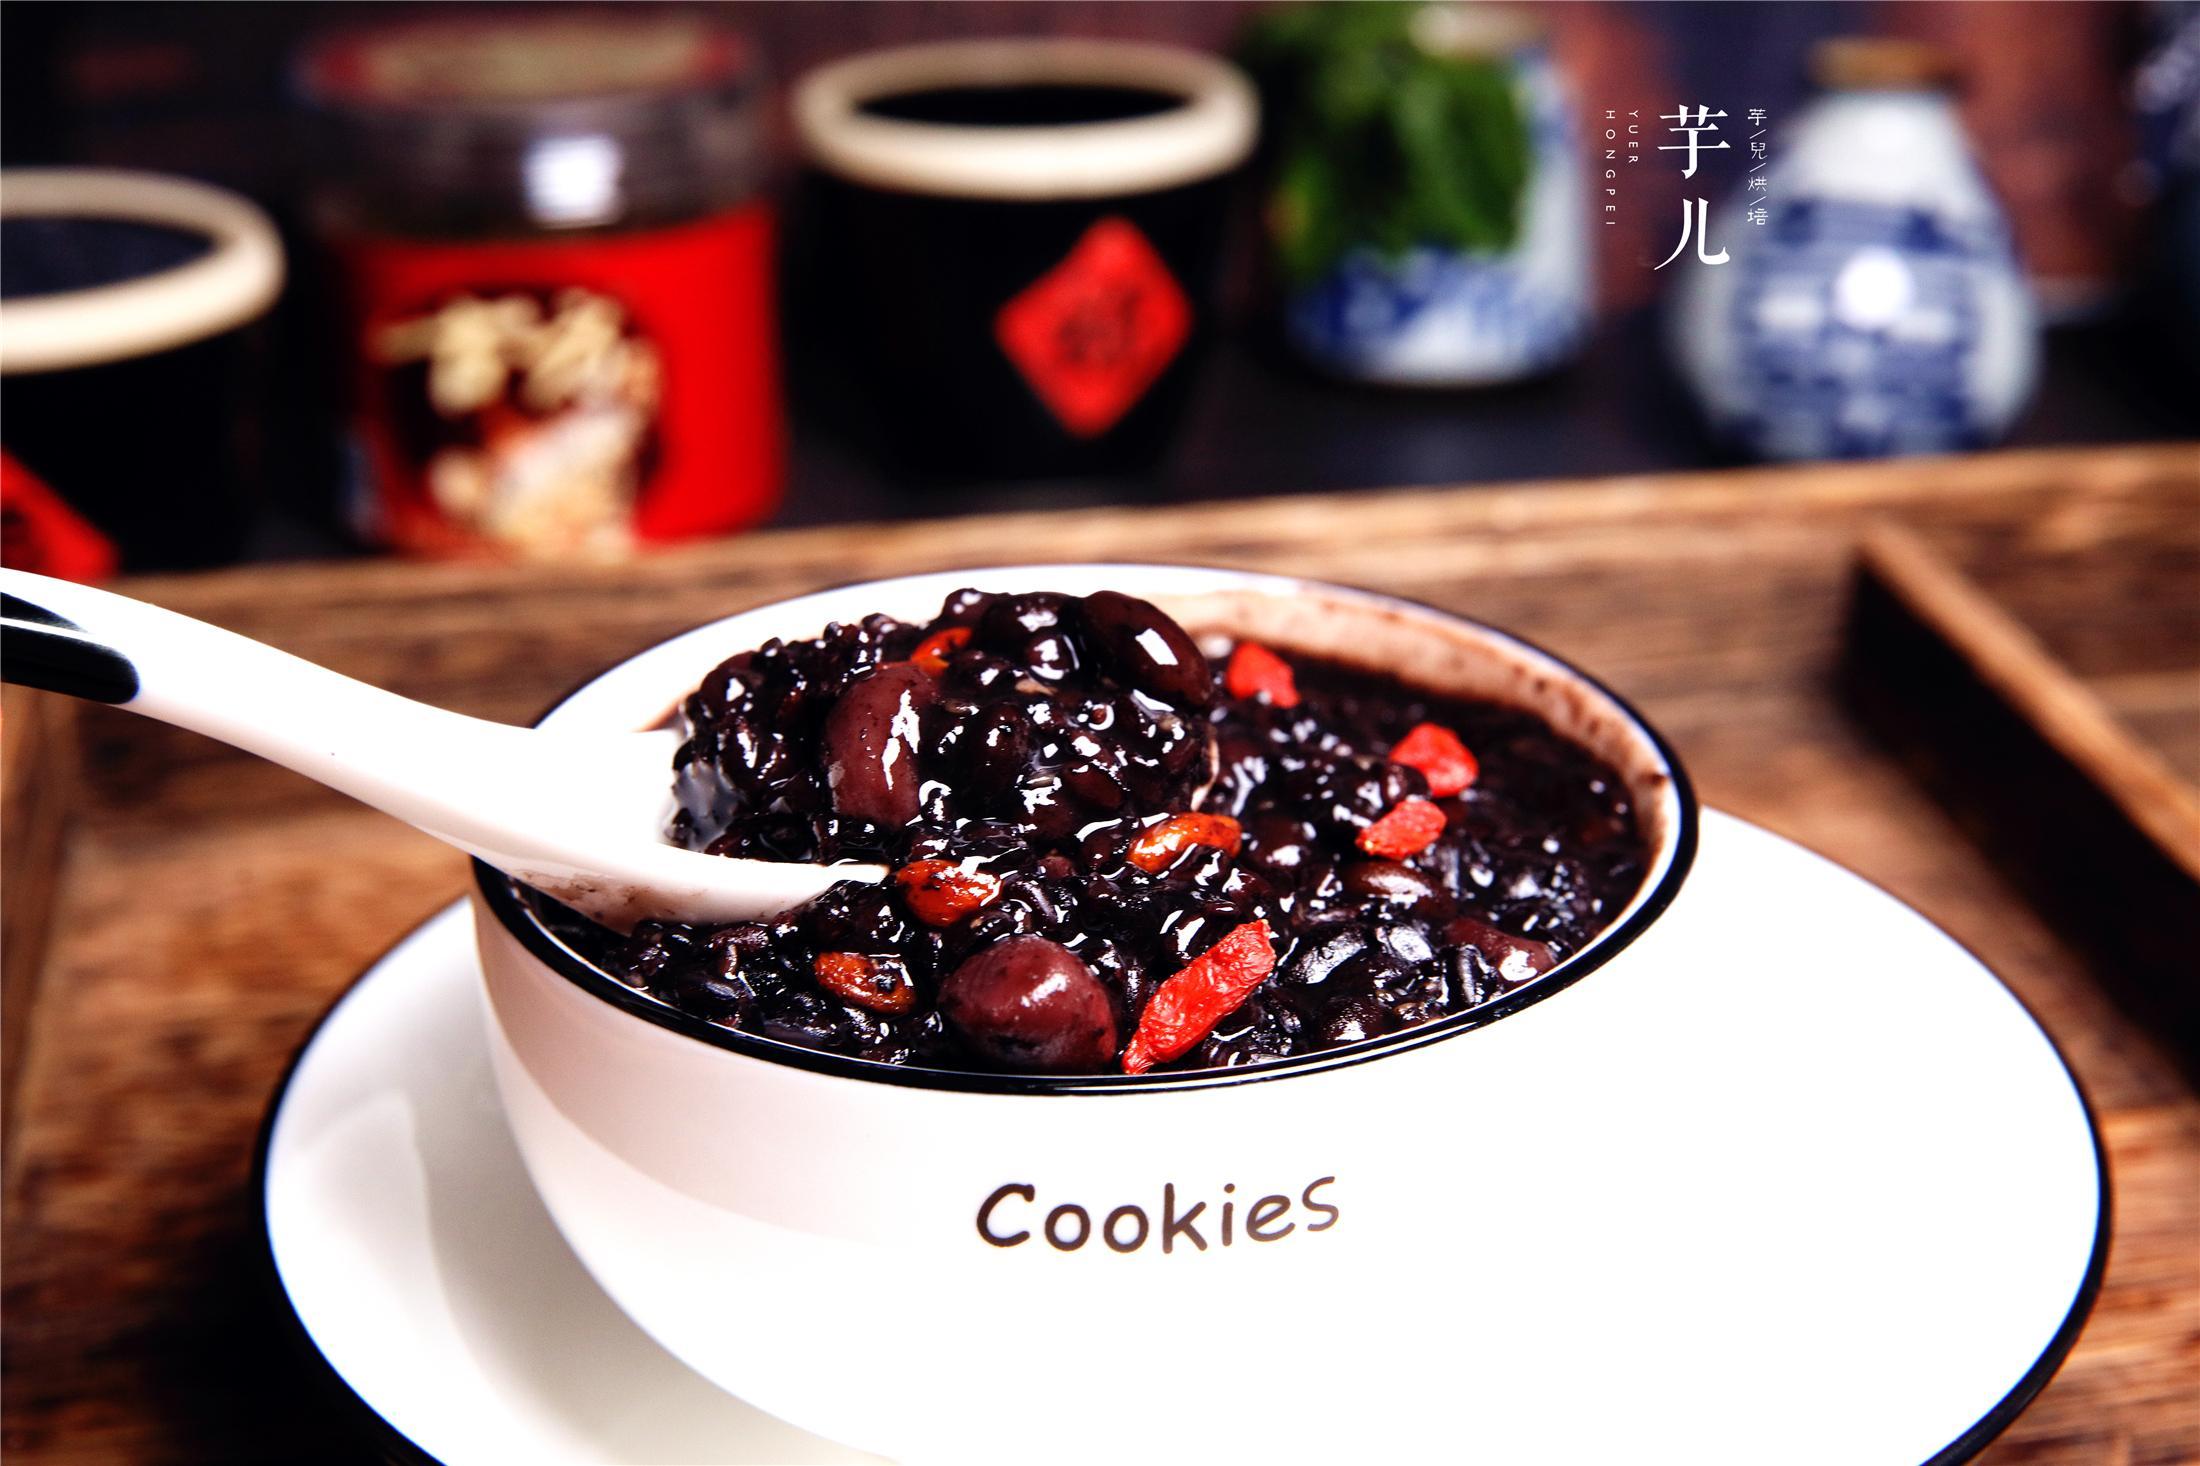 秋冬时节,多给家人喝这粥,简单美味,黏糯可口,补气益血又养颜